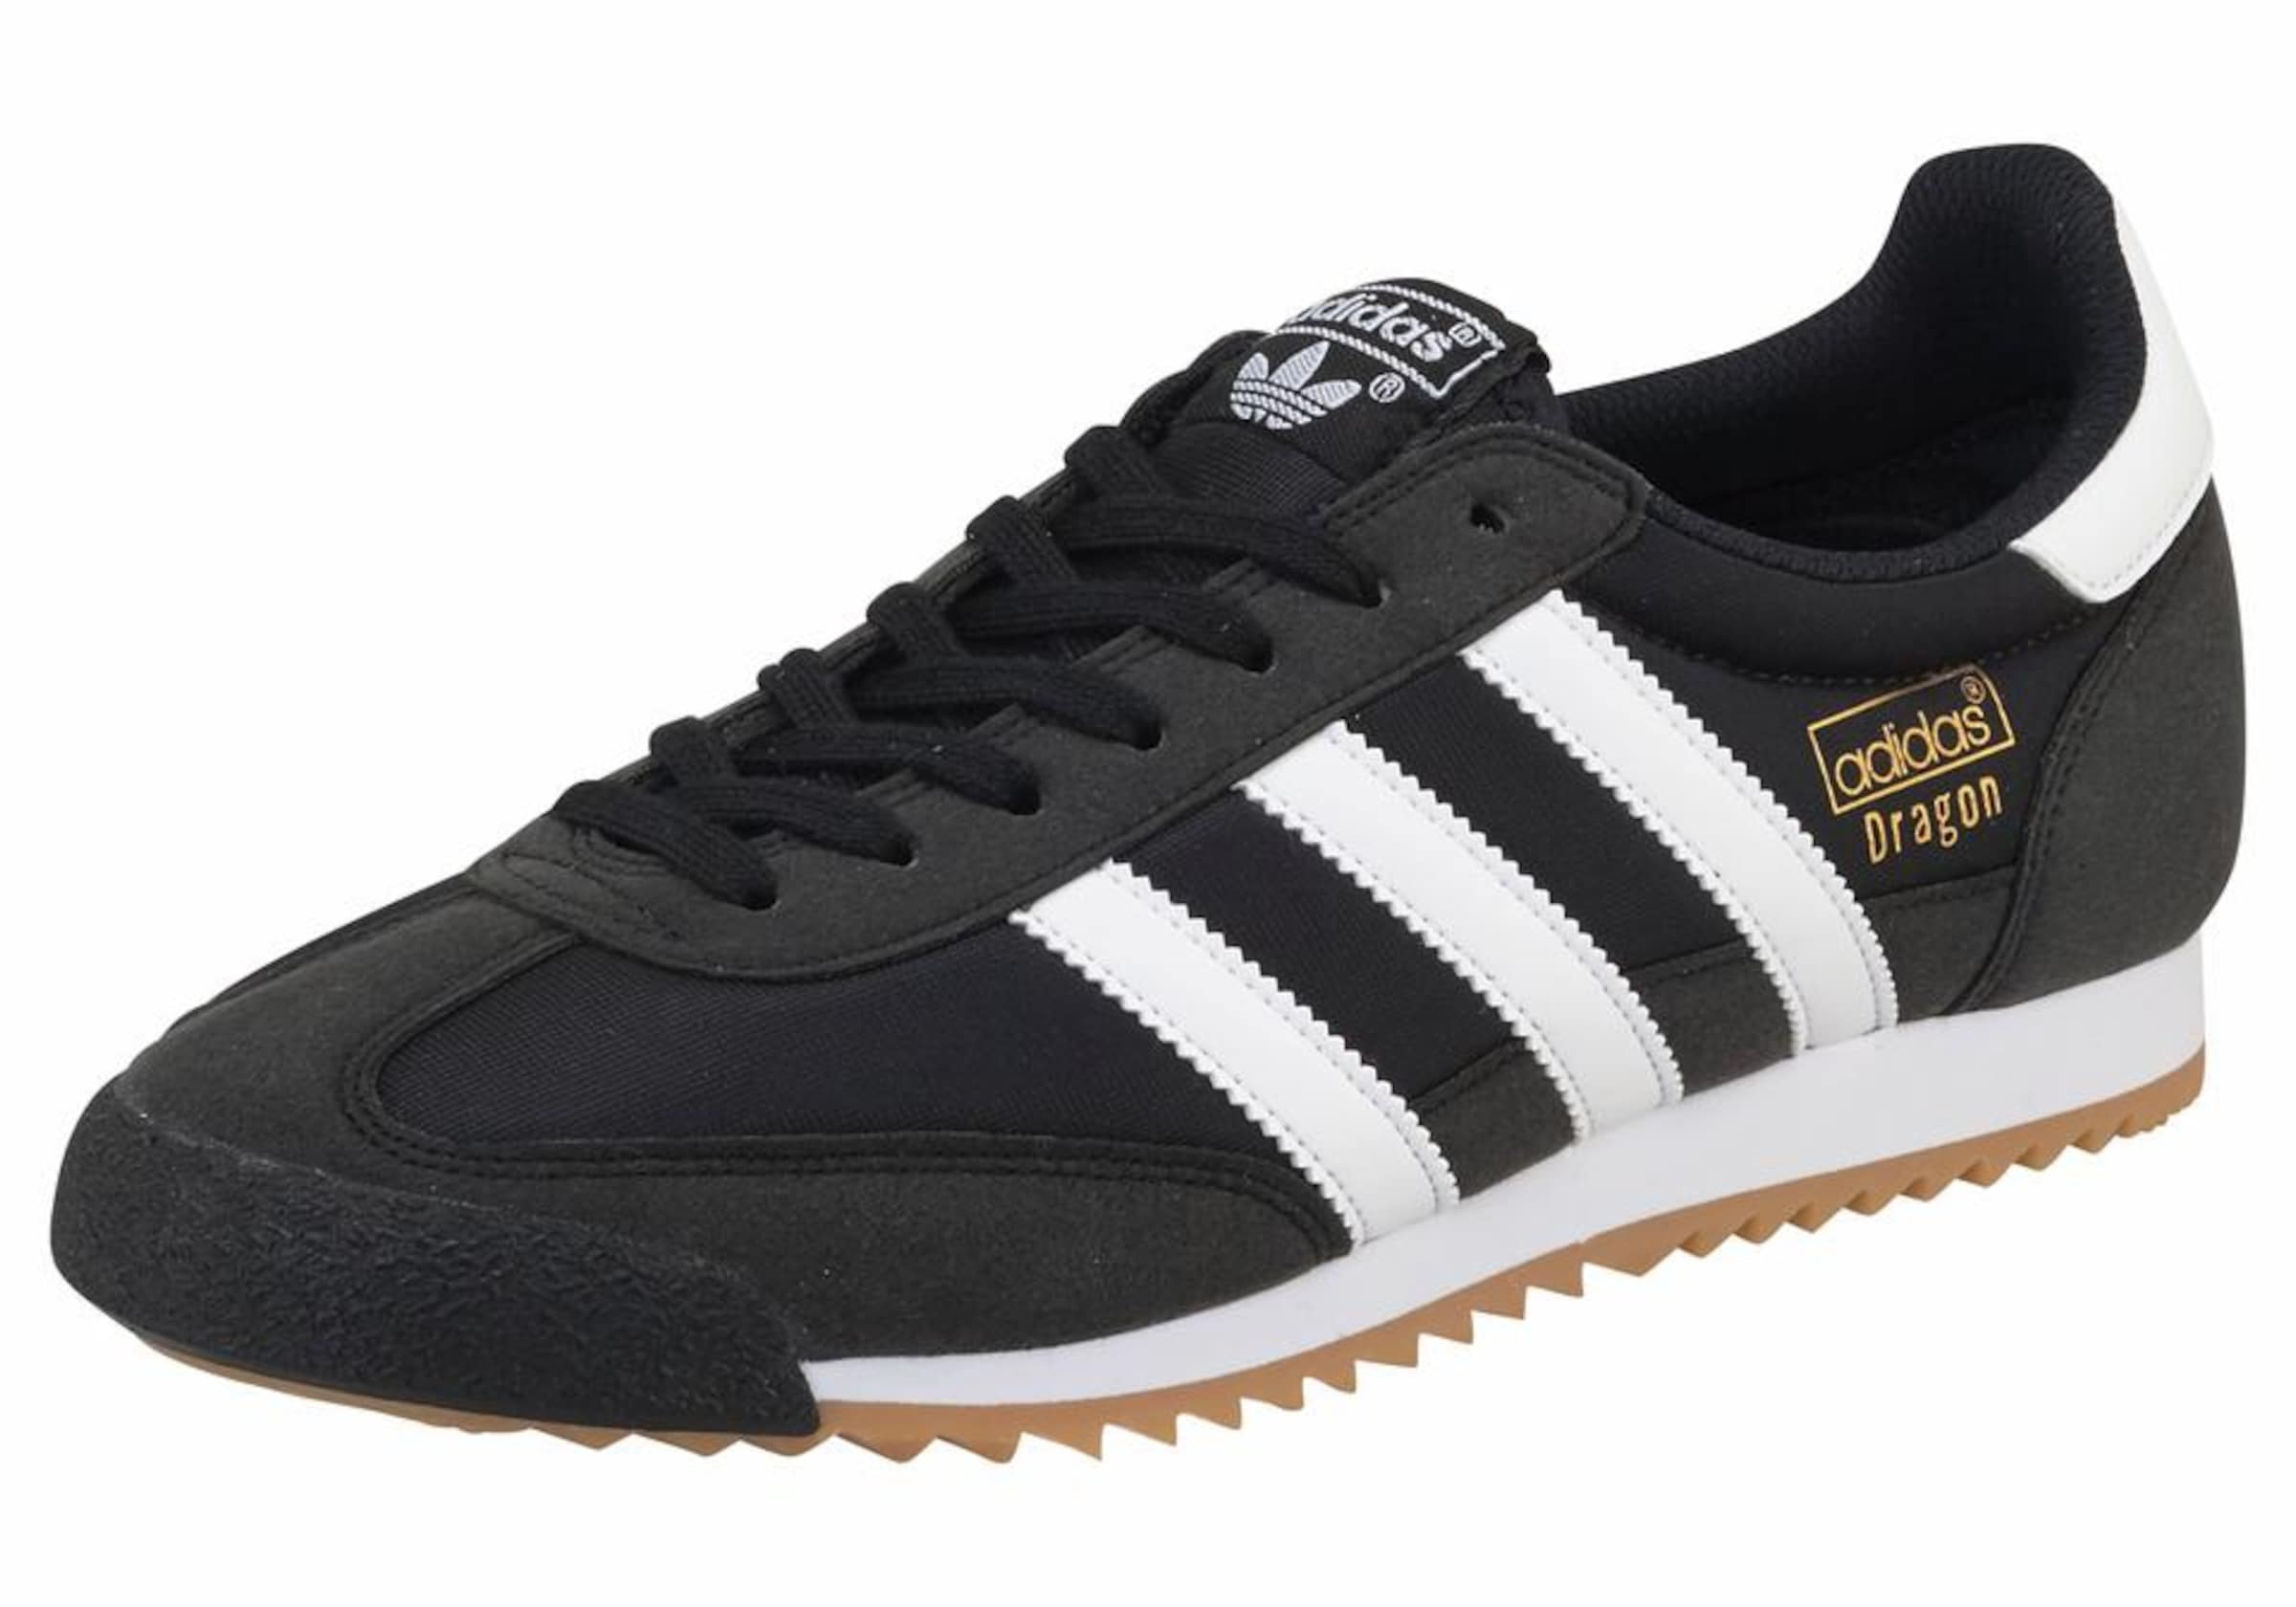 ADIDAS ORIGINALS Sneaker DragonOG Verschleißfeste billige Schuhe